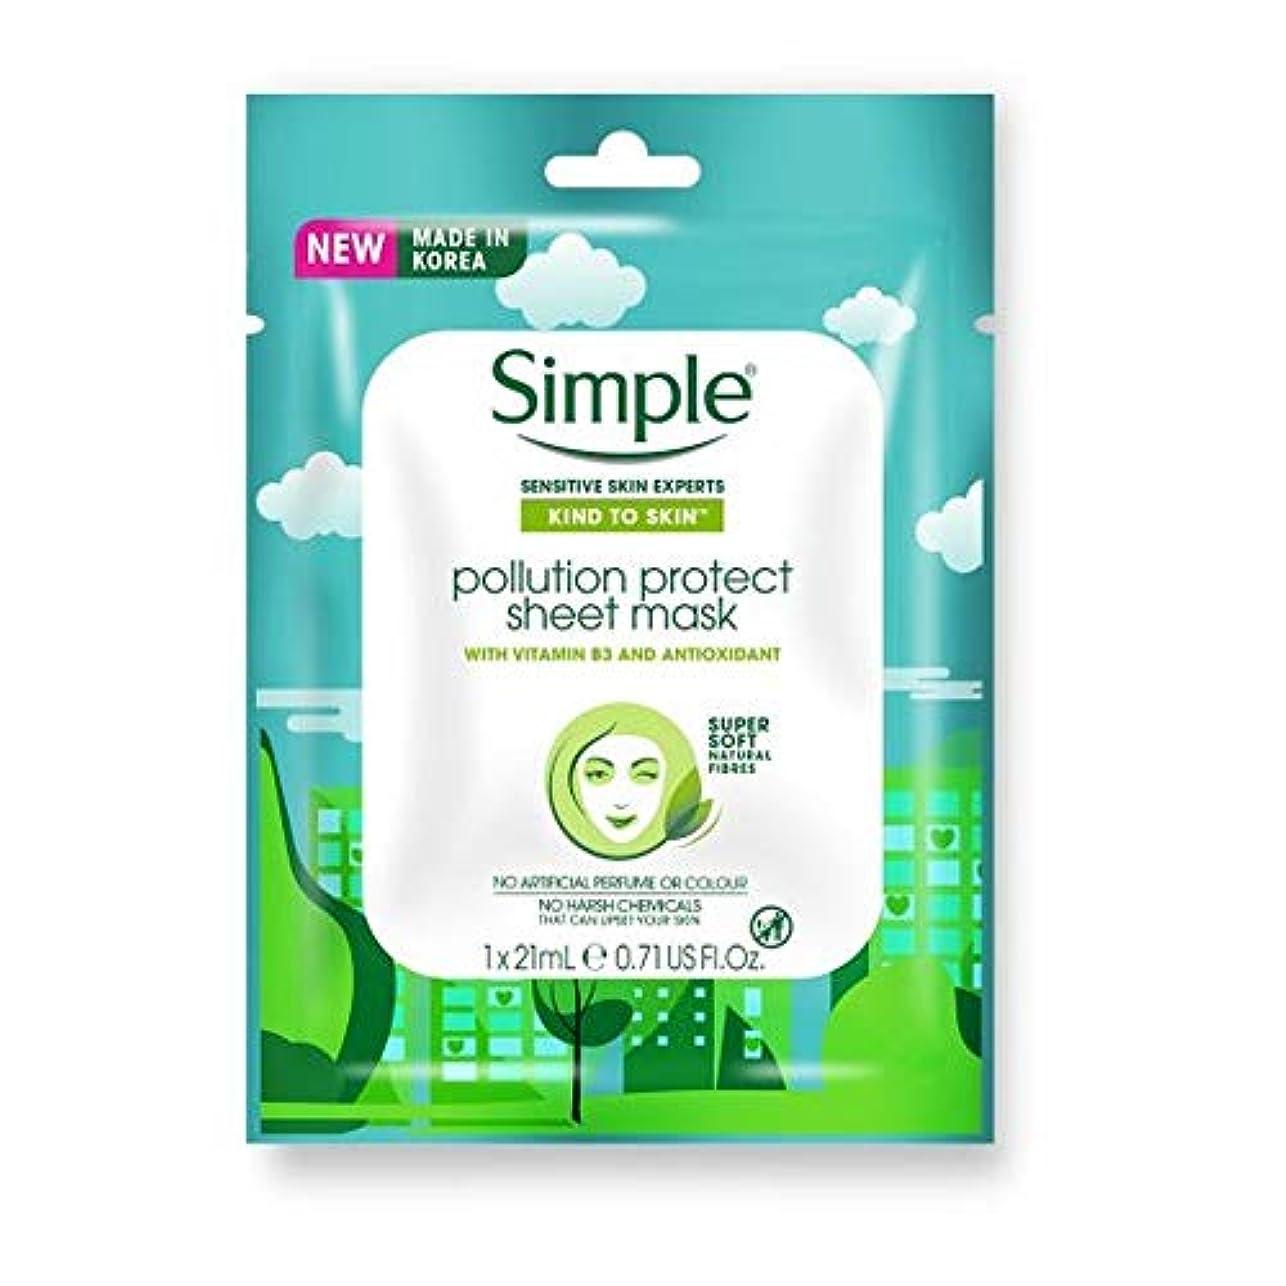 サンダース宿命ヤギ[Simple] 皮膚汚染への単純な種類のシートマスク21ミリリットルを保護 - Simple Kind To Skin Pollution Protect Sheet Mask 21Ml [並行輸入品]